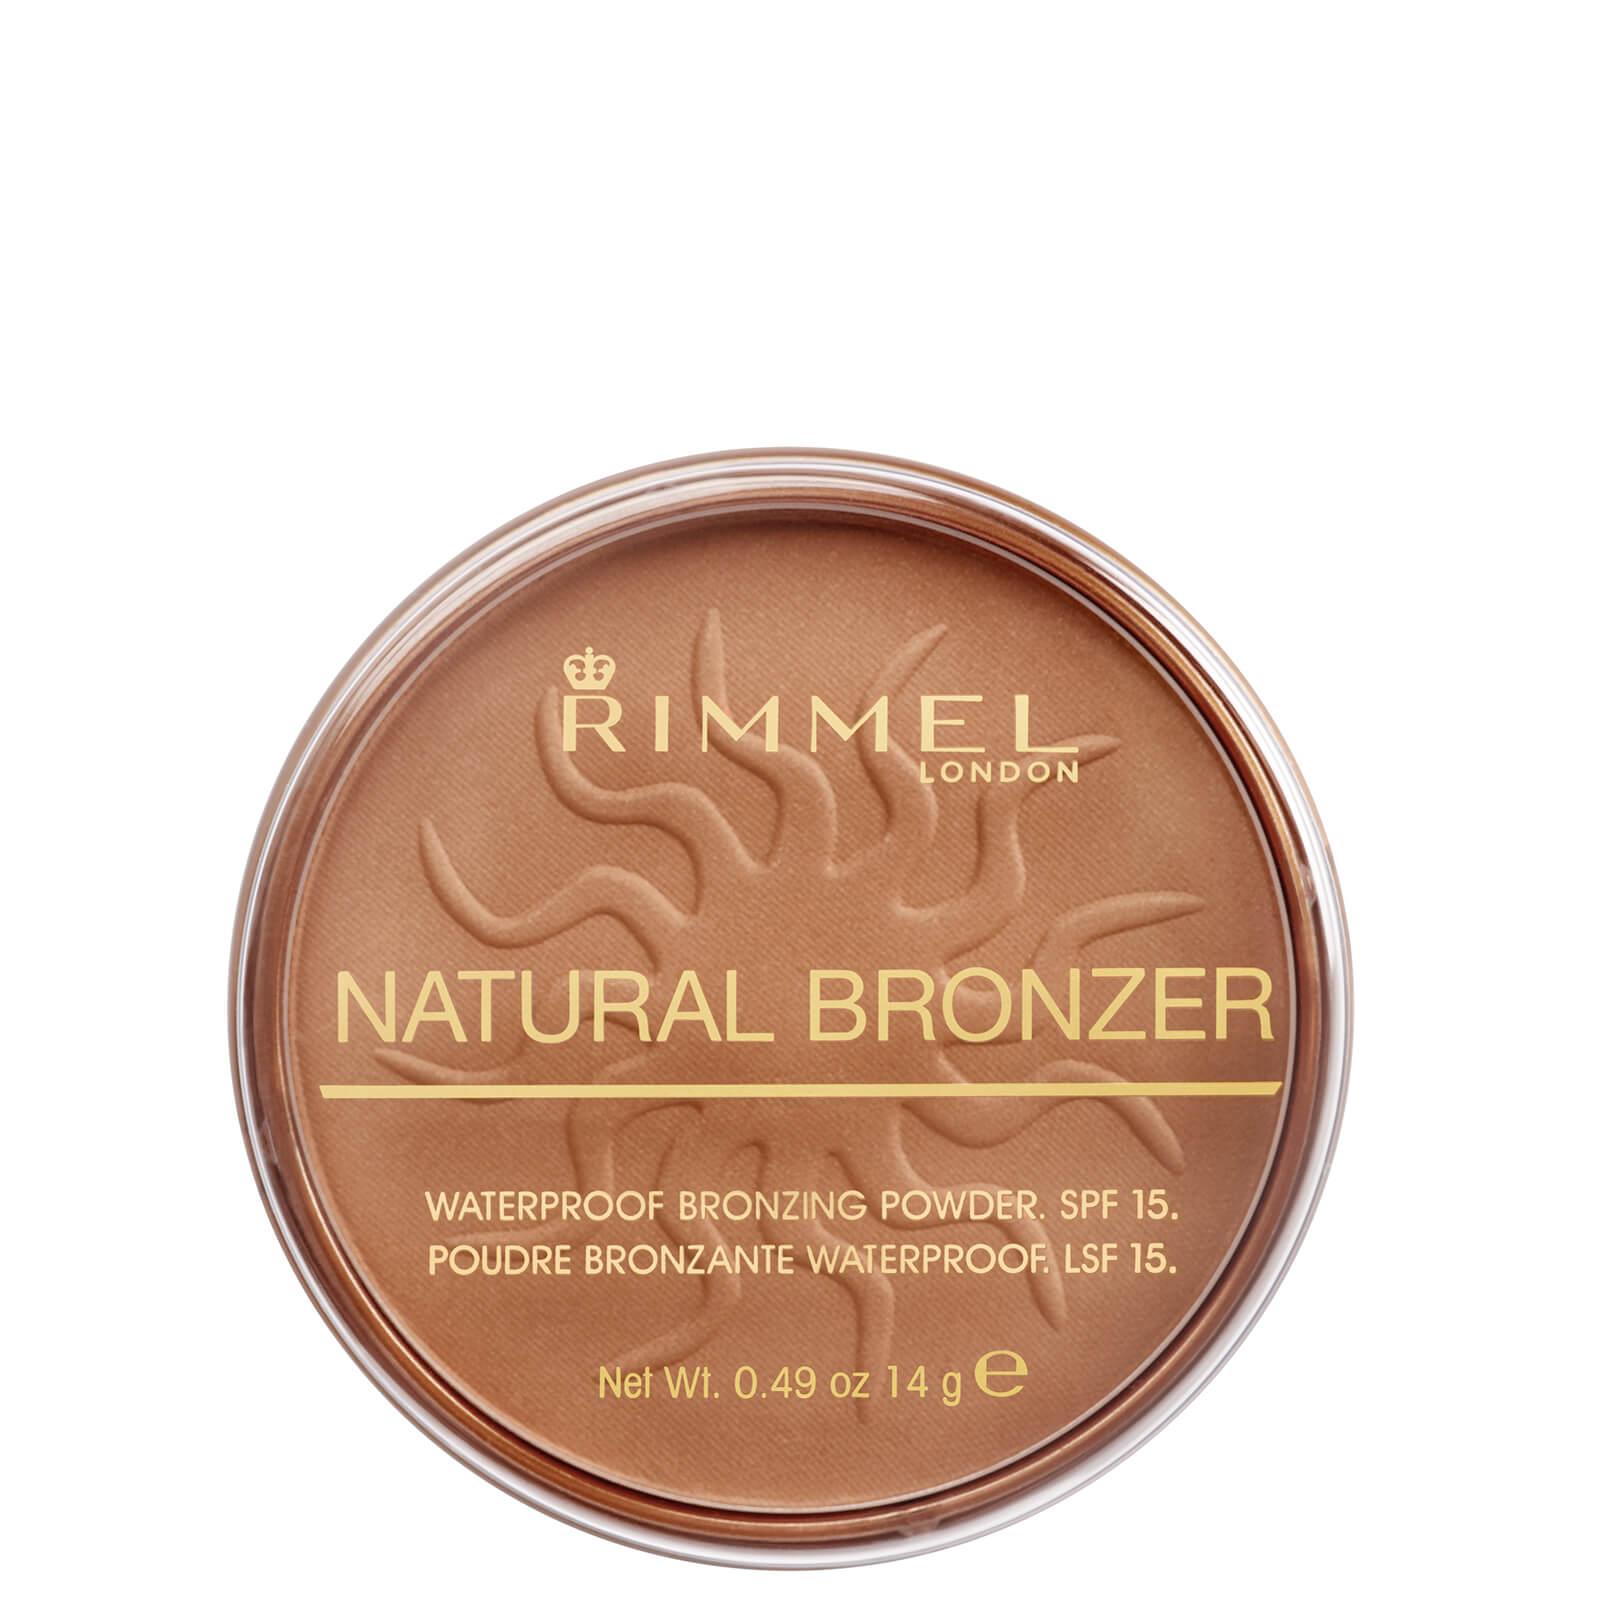 Купить Бронзер Rimmel Natural Bronzer (различные оттенки) - Sunlight